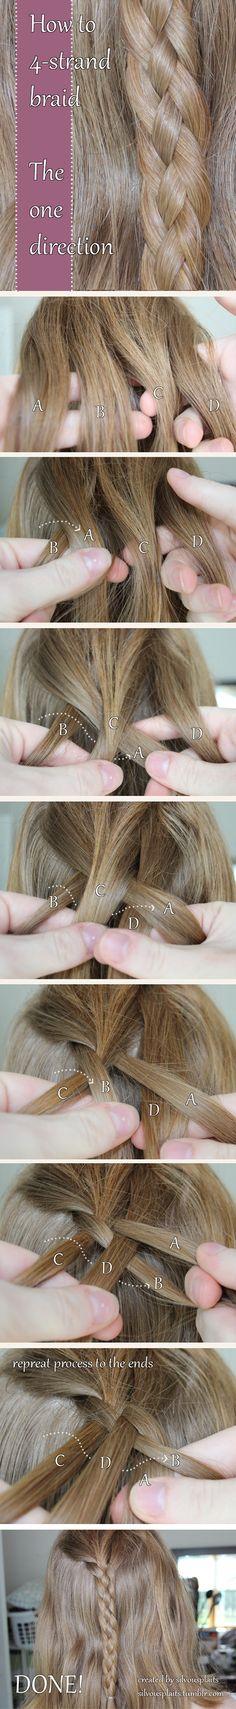 How to do a 4-strand braid                                                                                                                                                                                 More